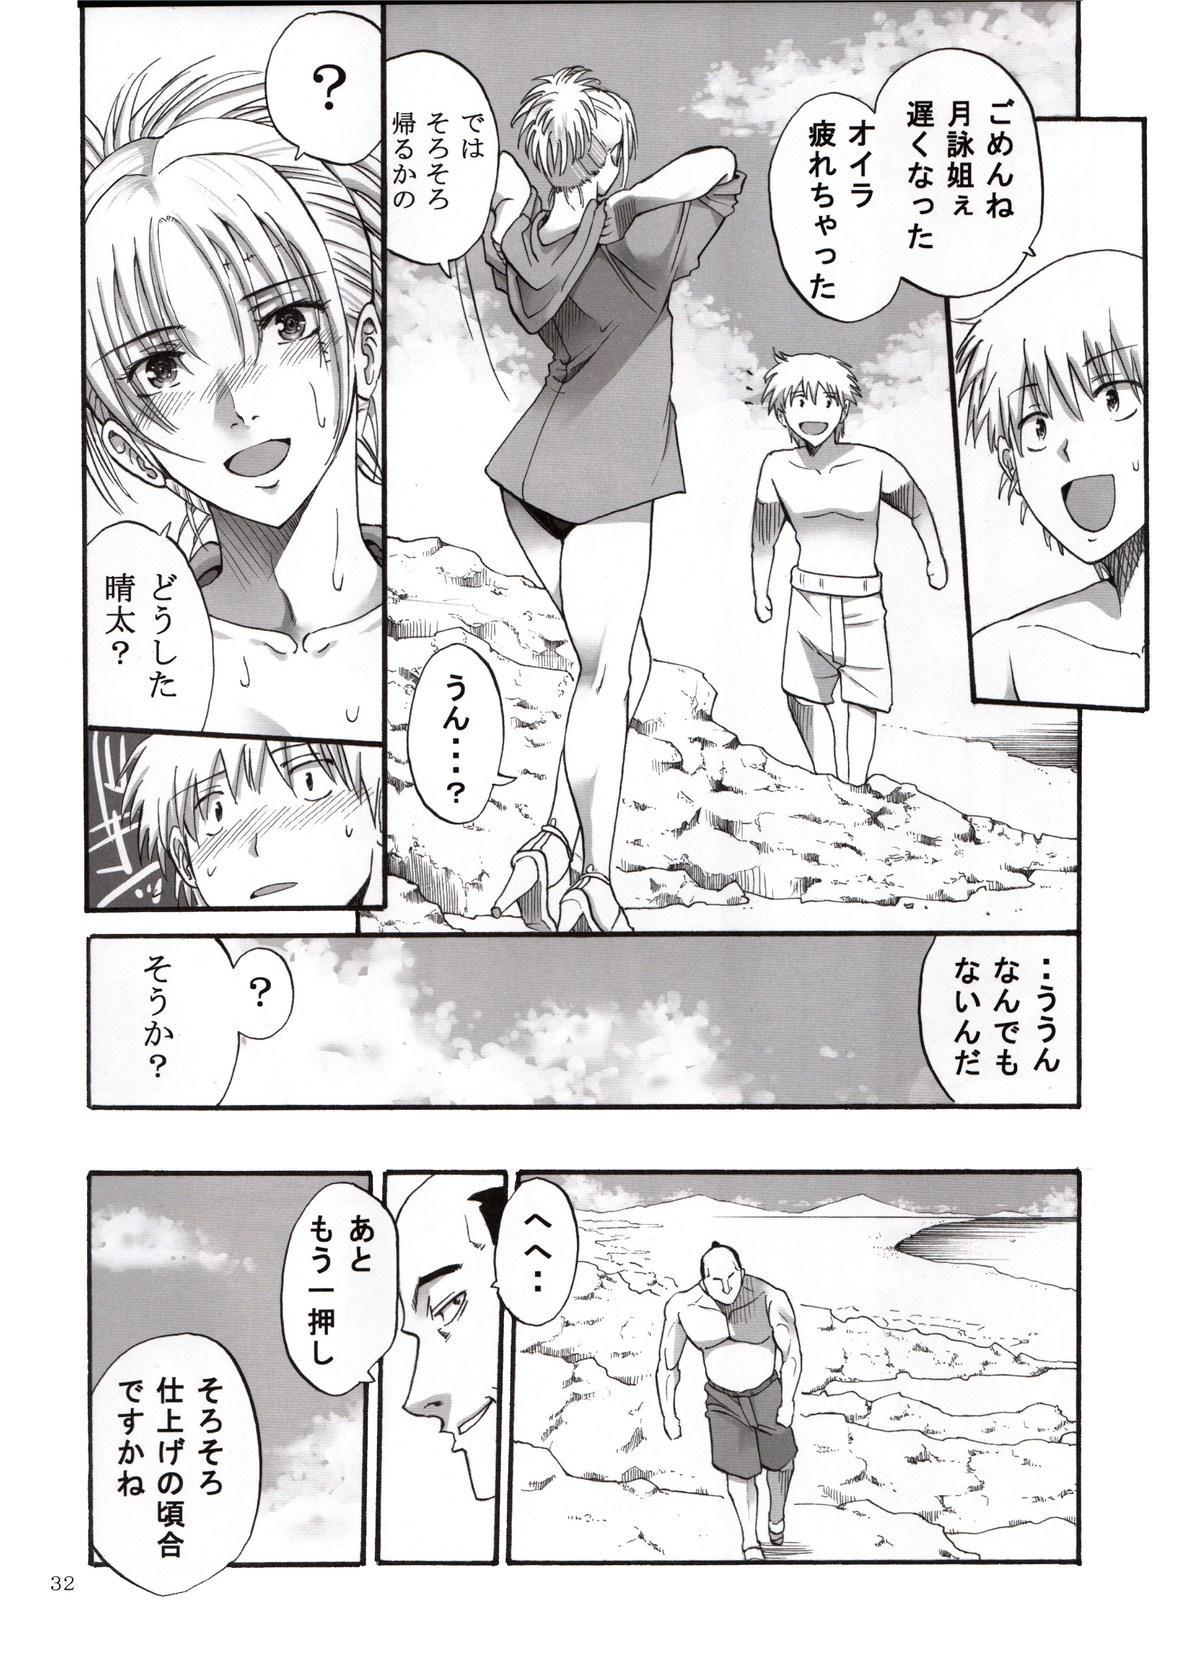 Tsukuyo-san ga Iyarashii Koto o Sarete Shimau Hanashi 3 31